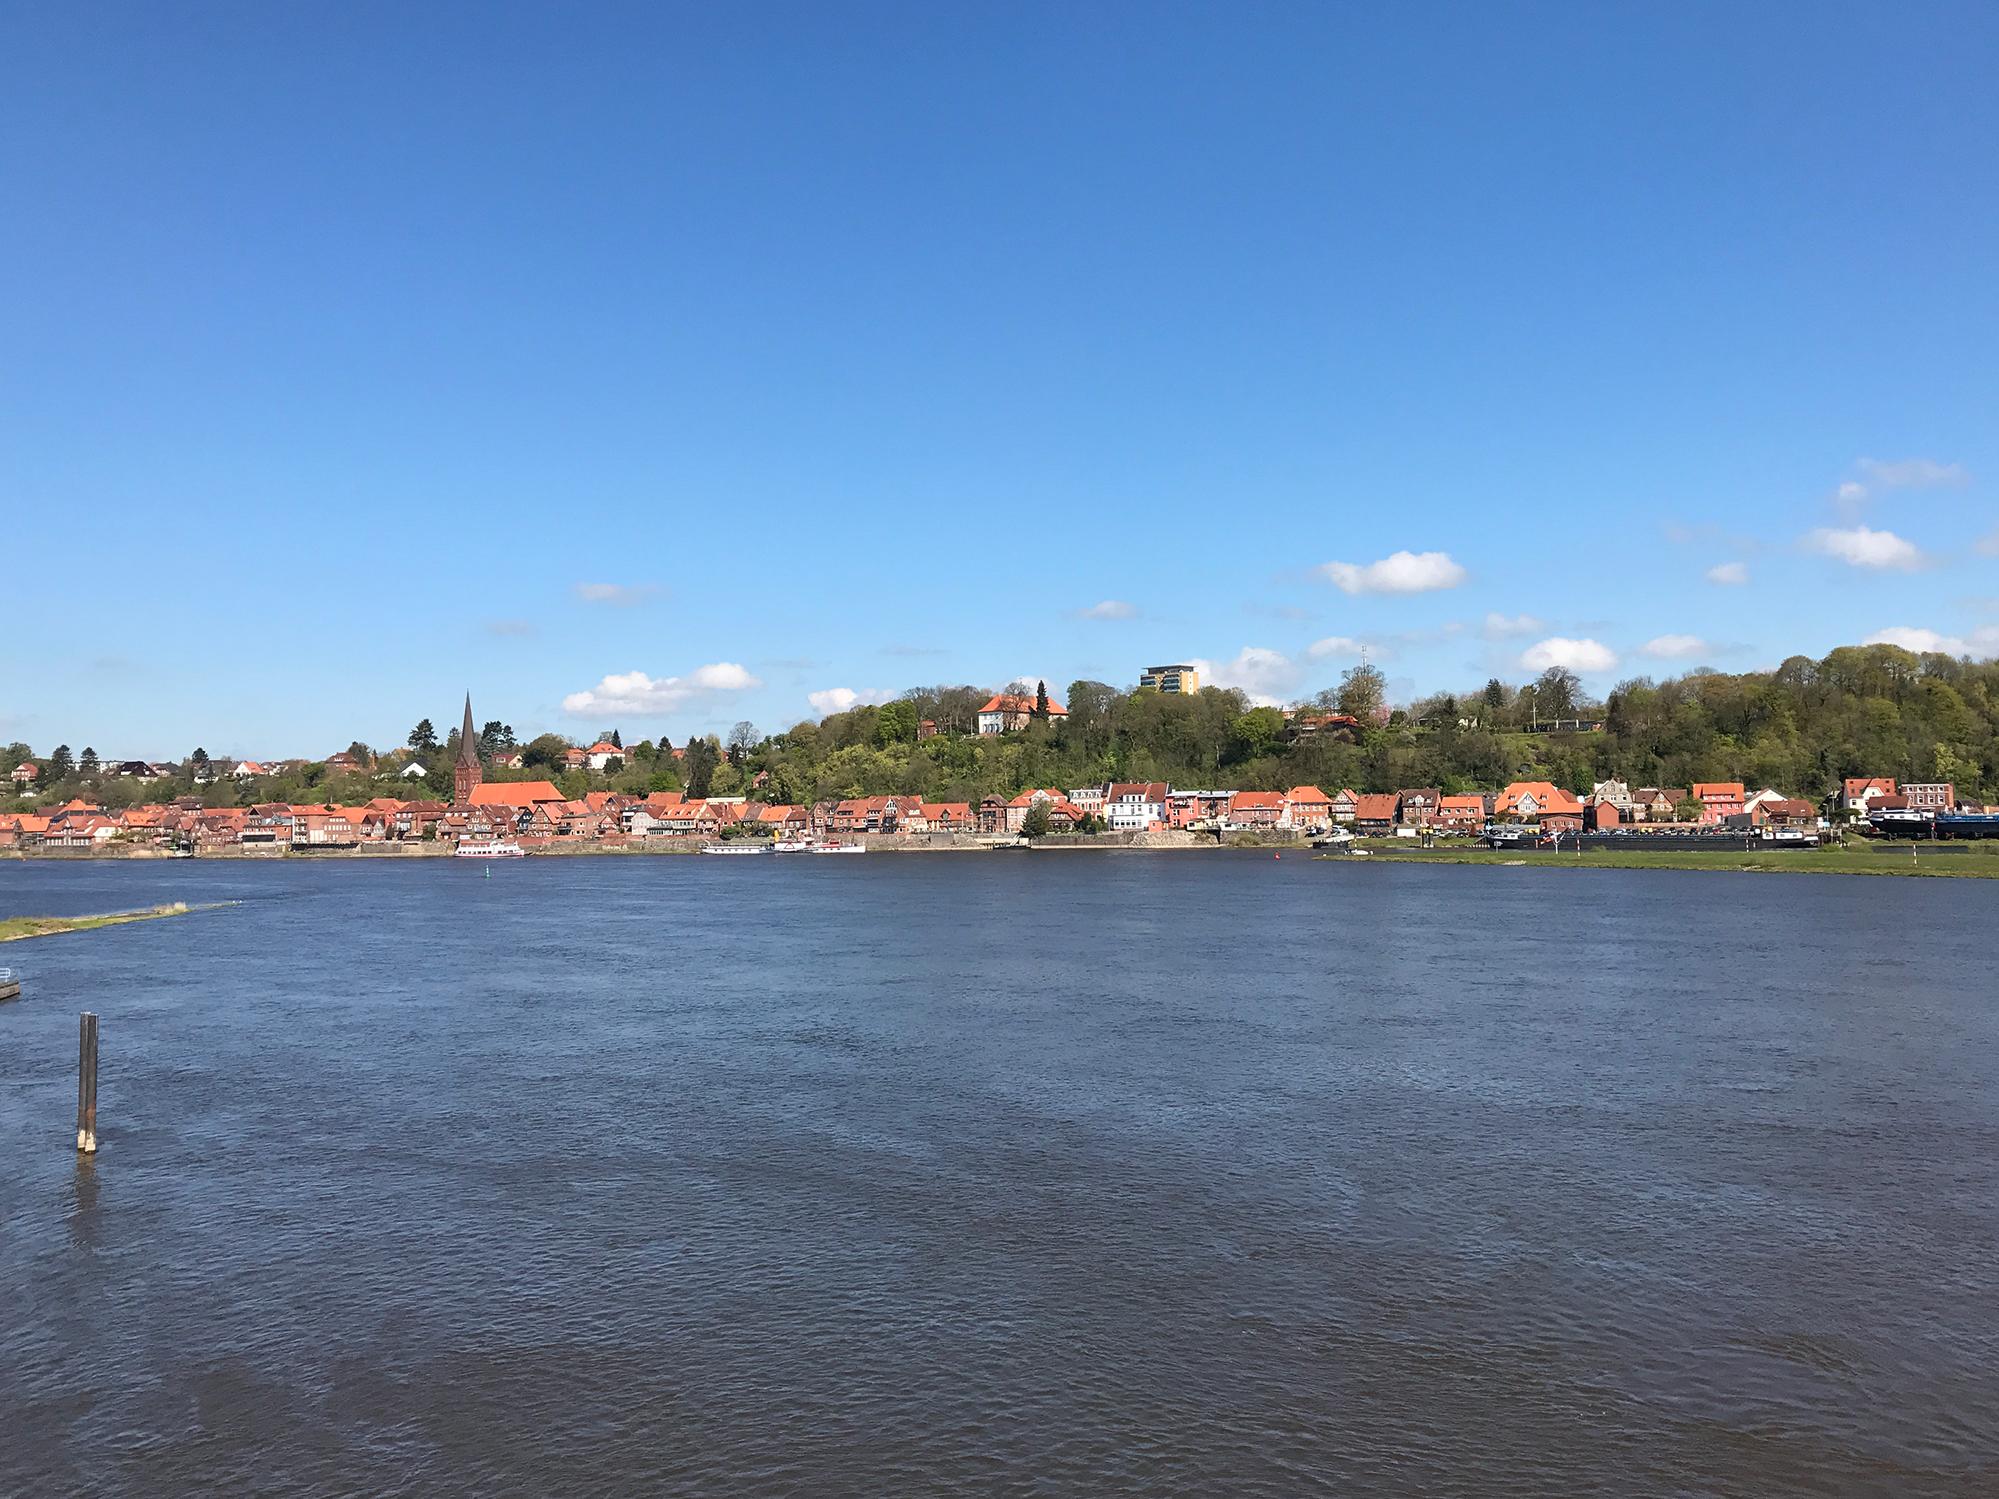 Lauenburg (Elbe)